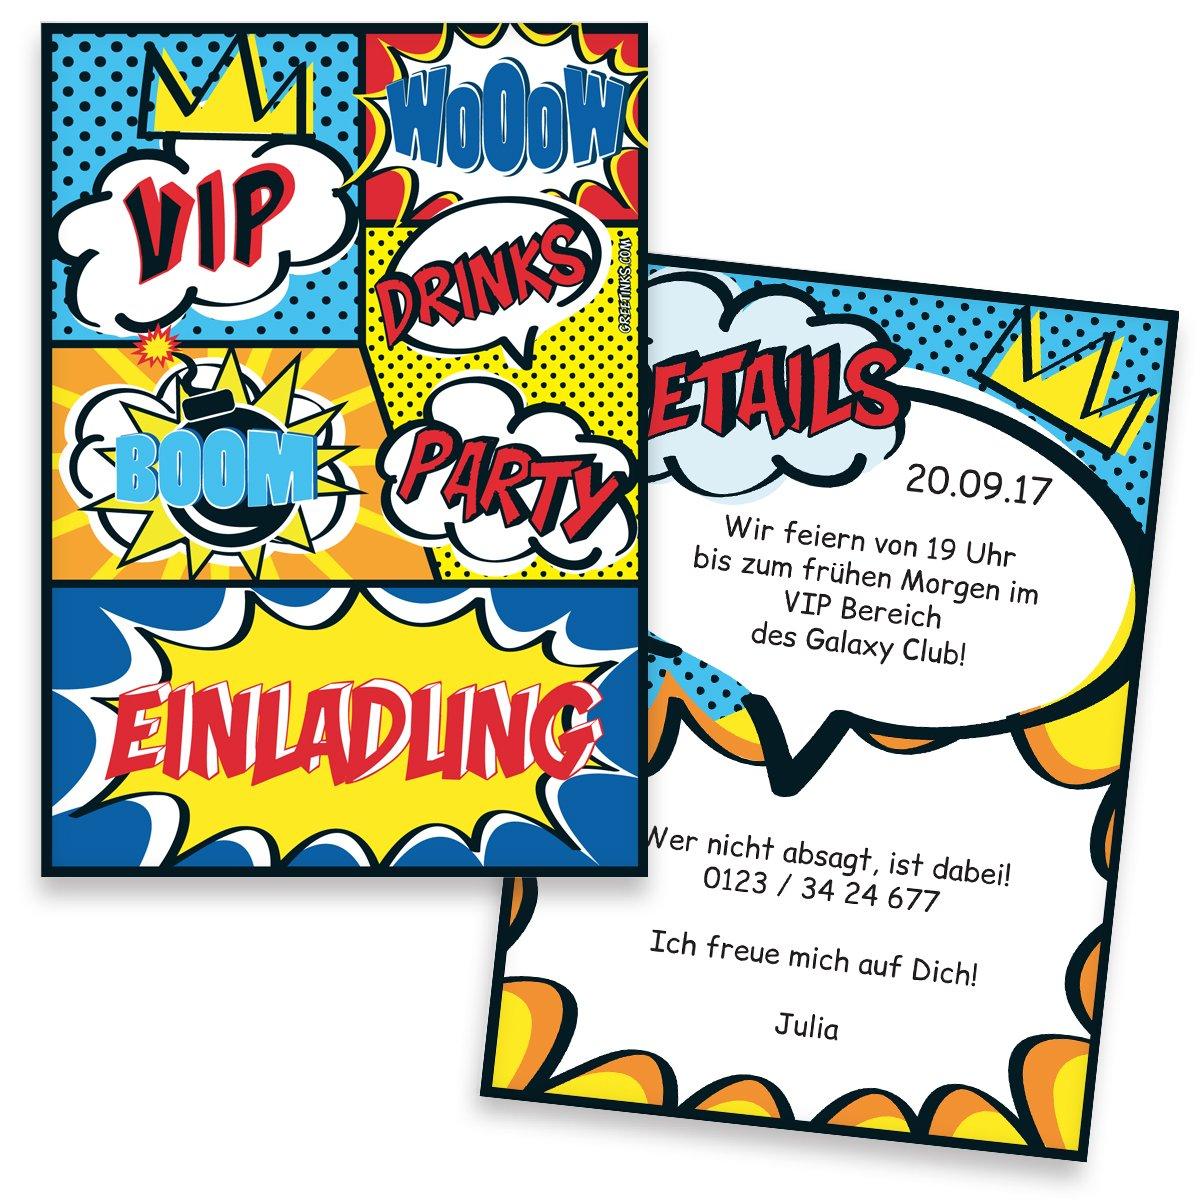 Einladungskarten zum zum zum Geburtstag Comic   40 Stück   Inkl. Druck Ihrer Texte   Kindergeburtstag   Individuelle Einladungen   Einladung   Einladungskarte Jungen & Mädchen B01NCLHOMN   Genialität    Ausgezeichnete Leistung    Feine Verarbeitung  10859b